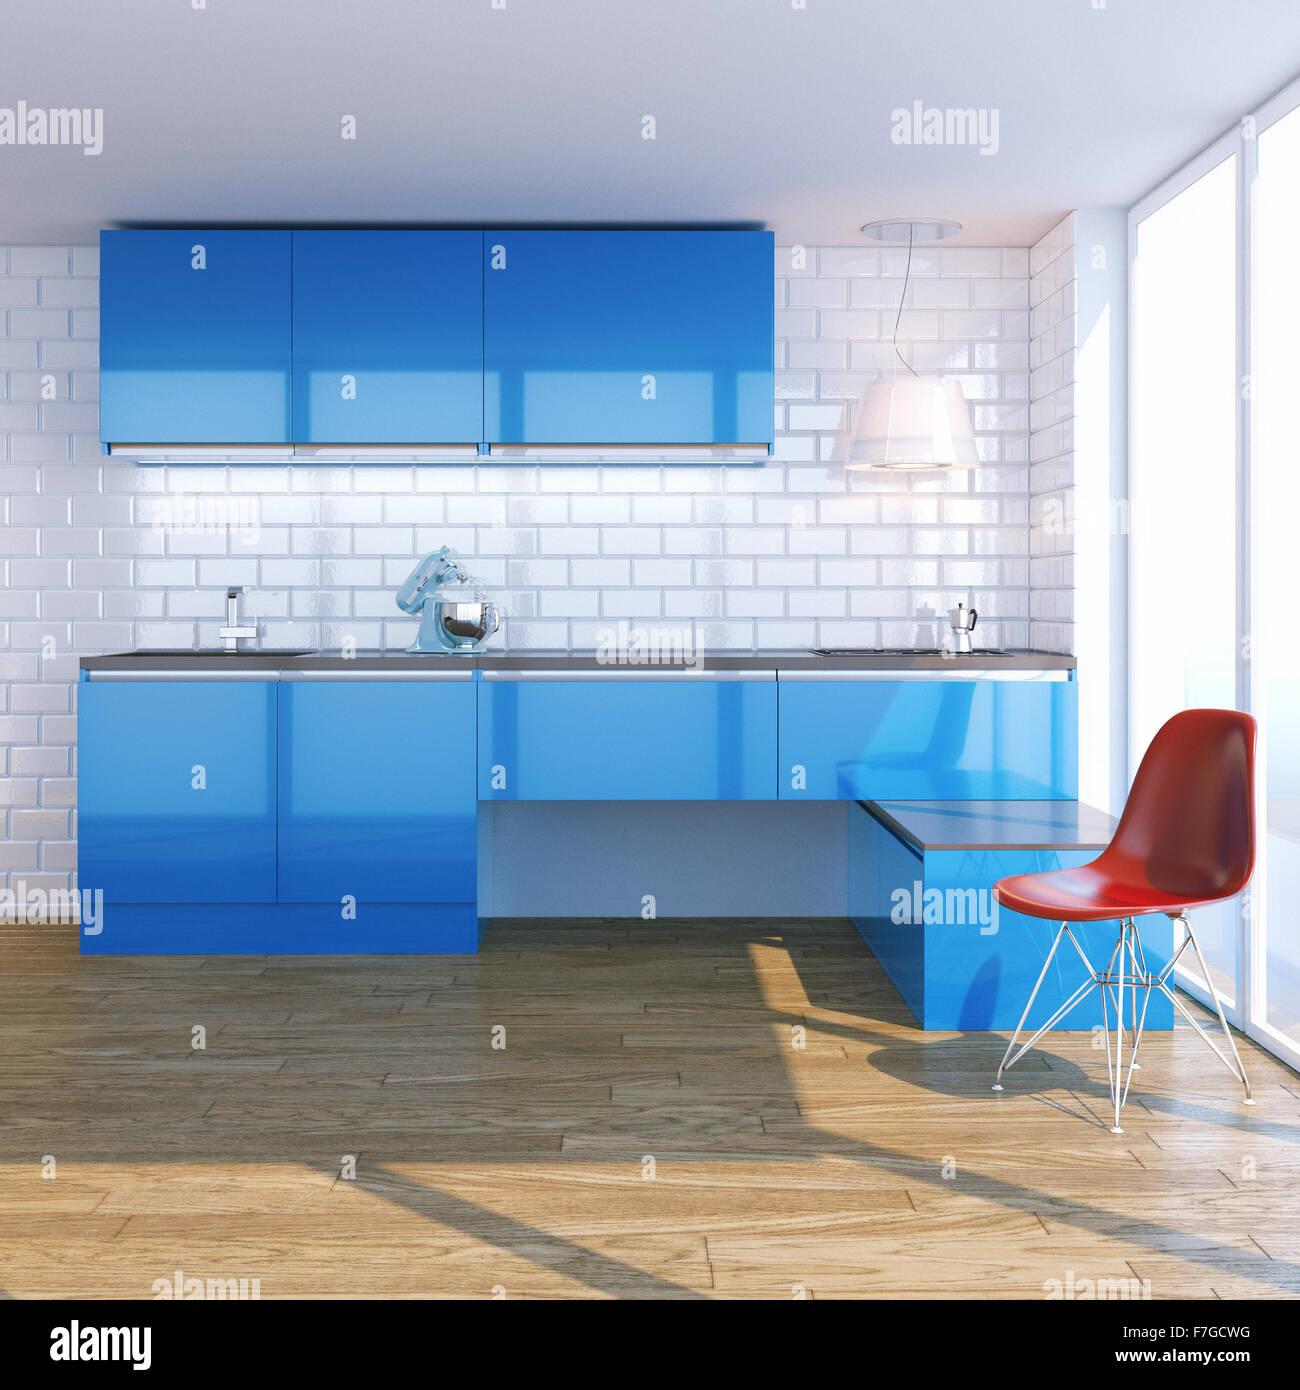 Nuevo Azul contemporáneo muebles de cocina en el interior blanco con ...